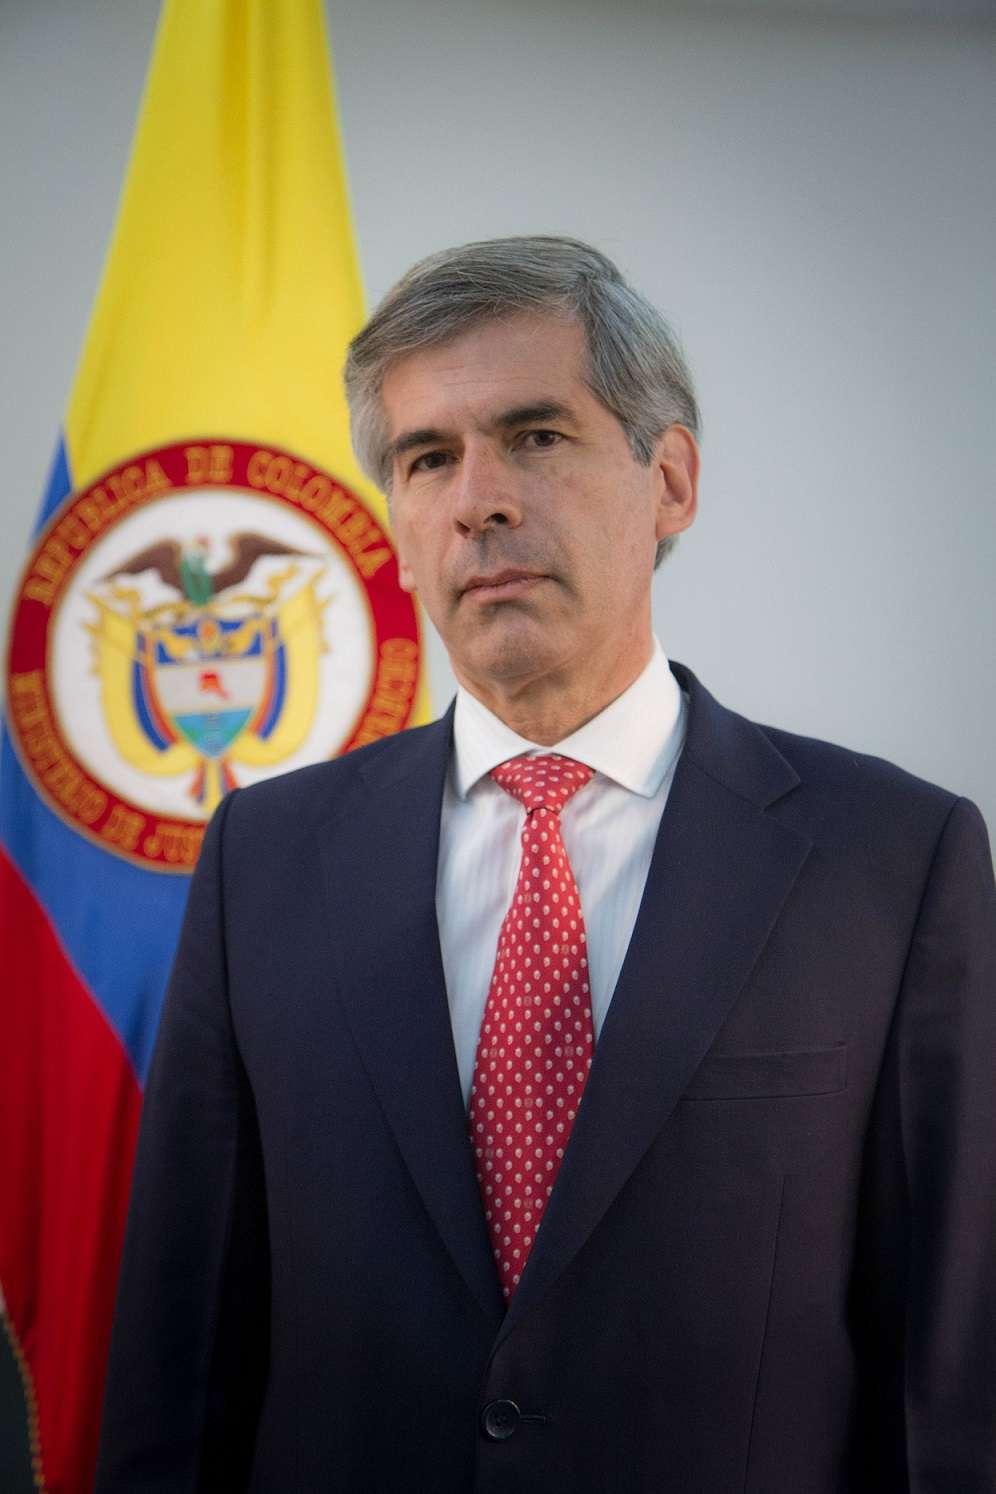 Foto: minjusticia.gov.co